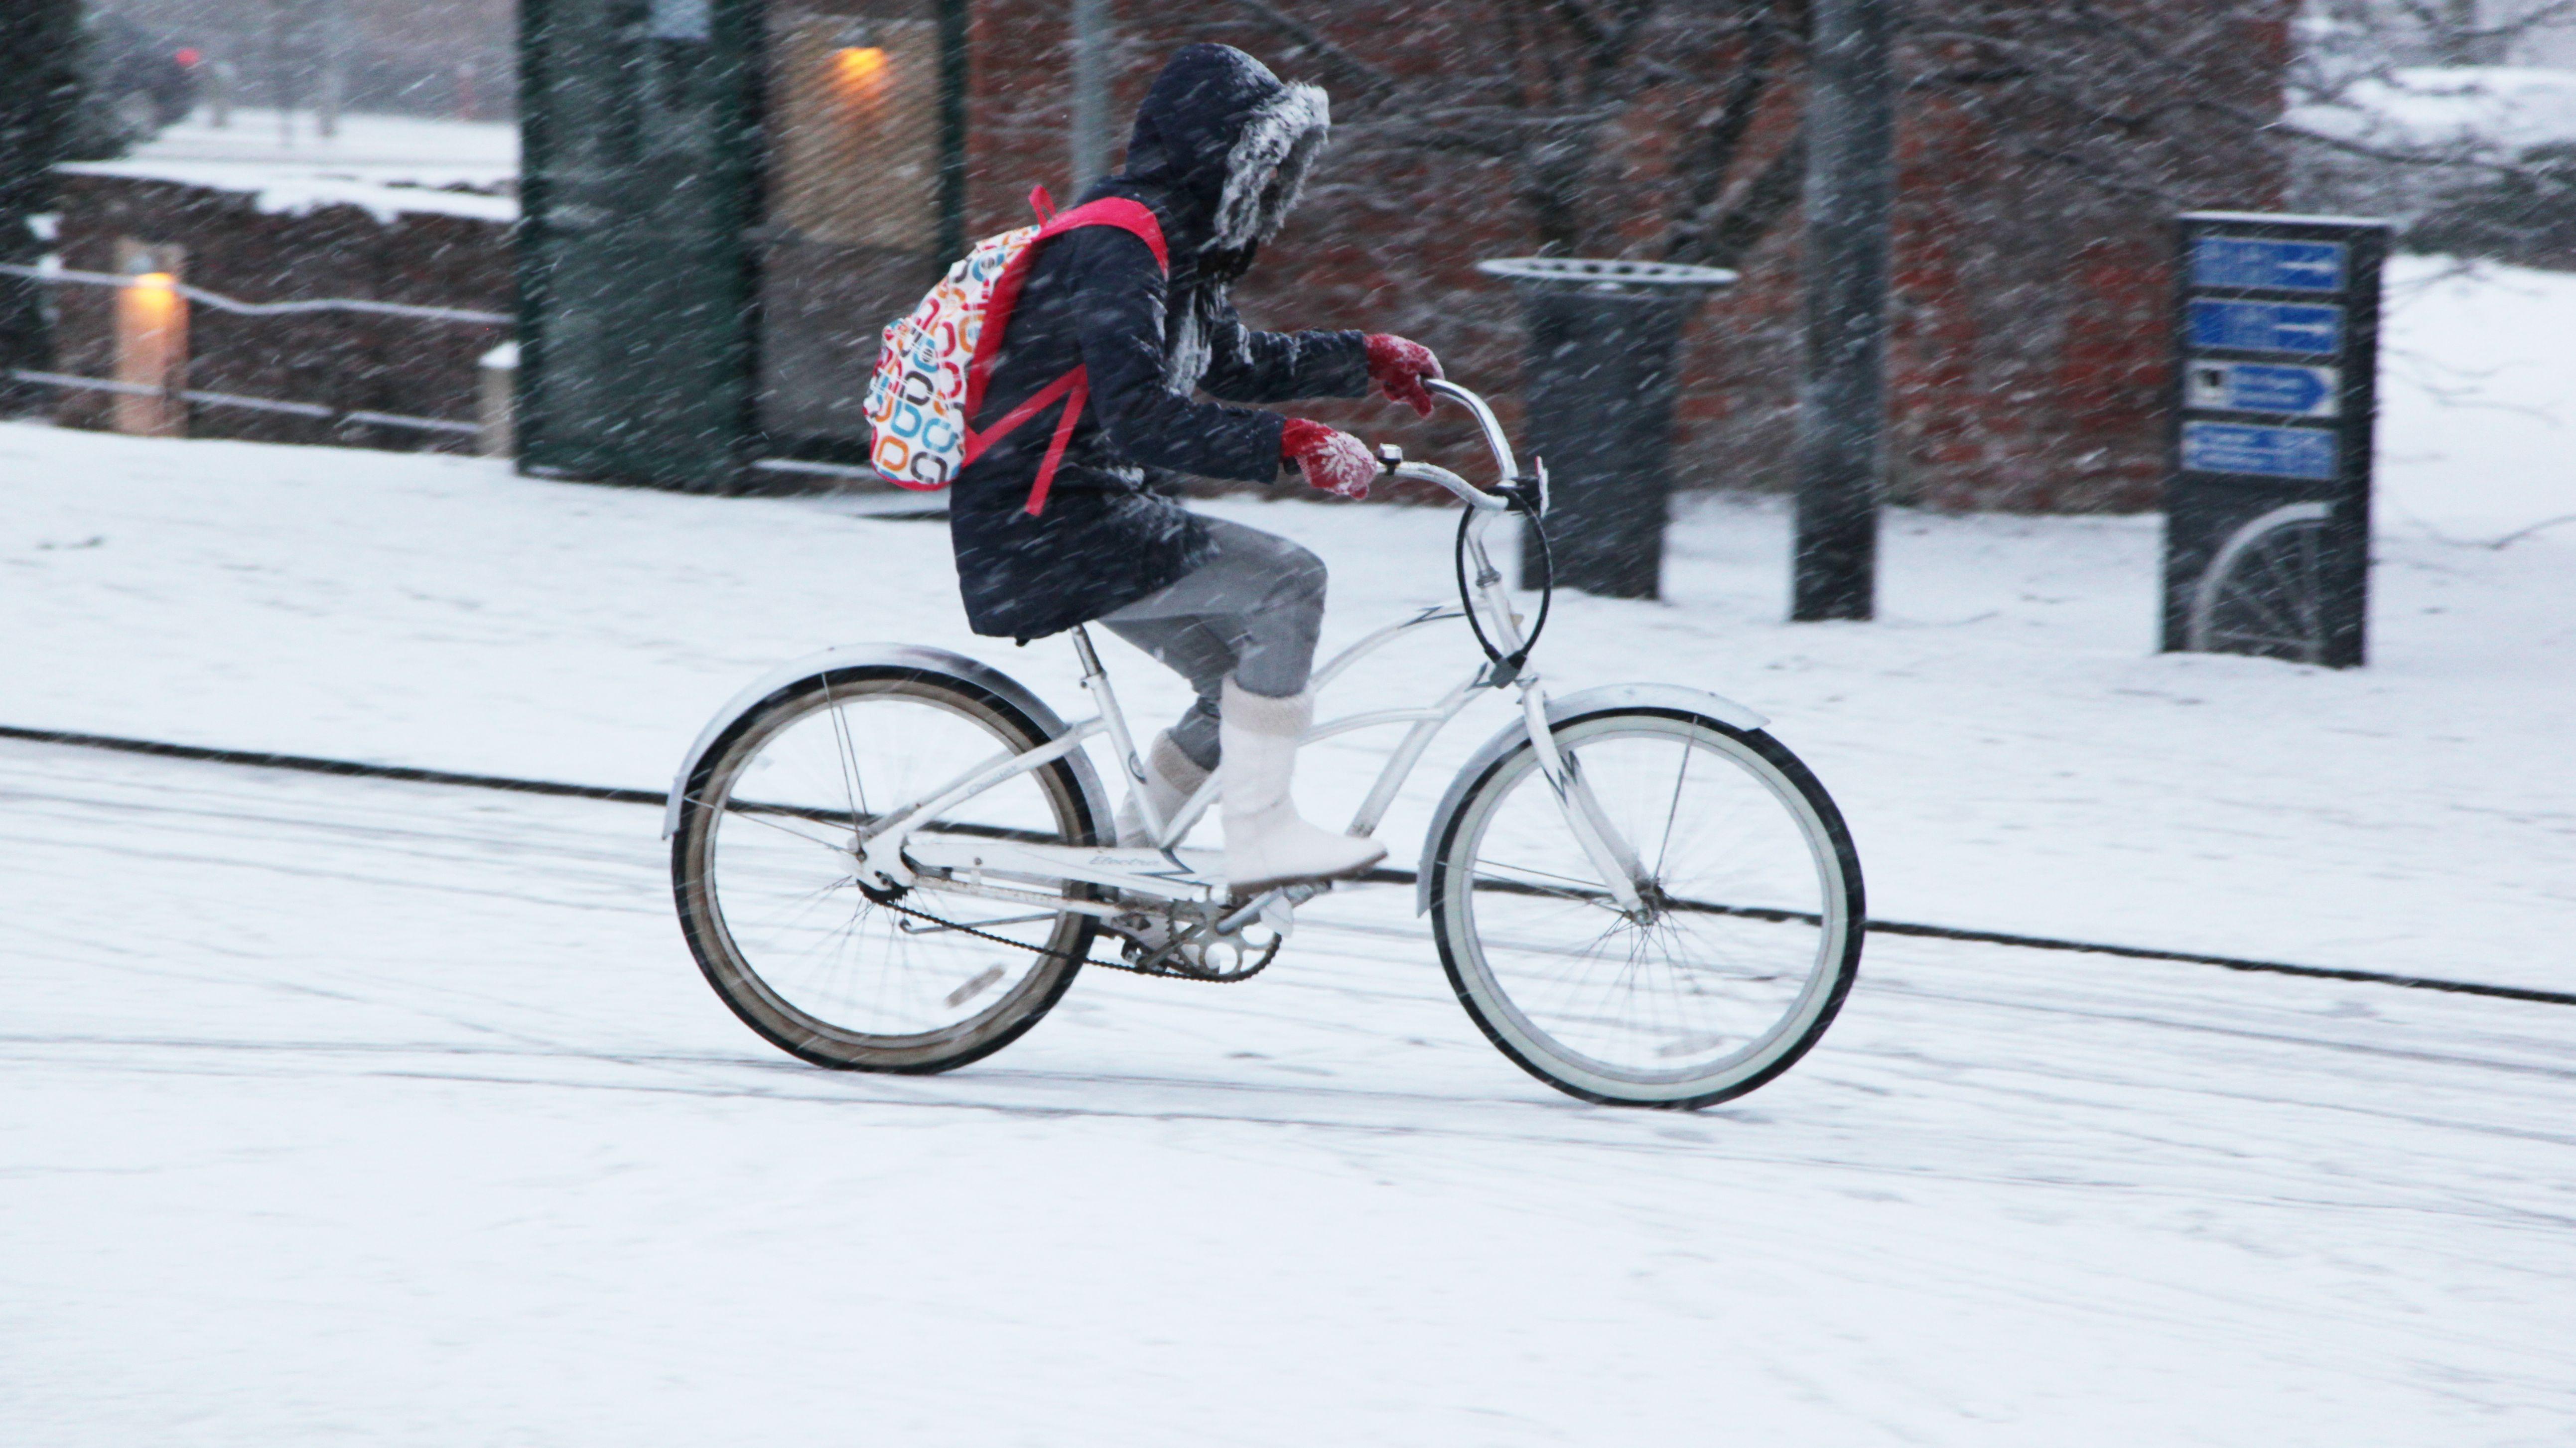 Mädchen auf einem Fahrrad auf verschneiter Straße